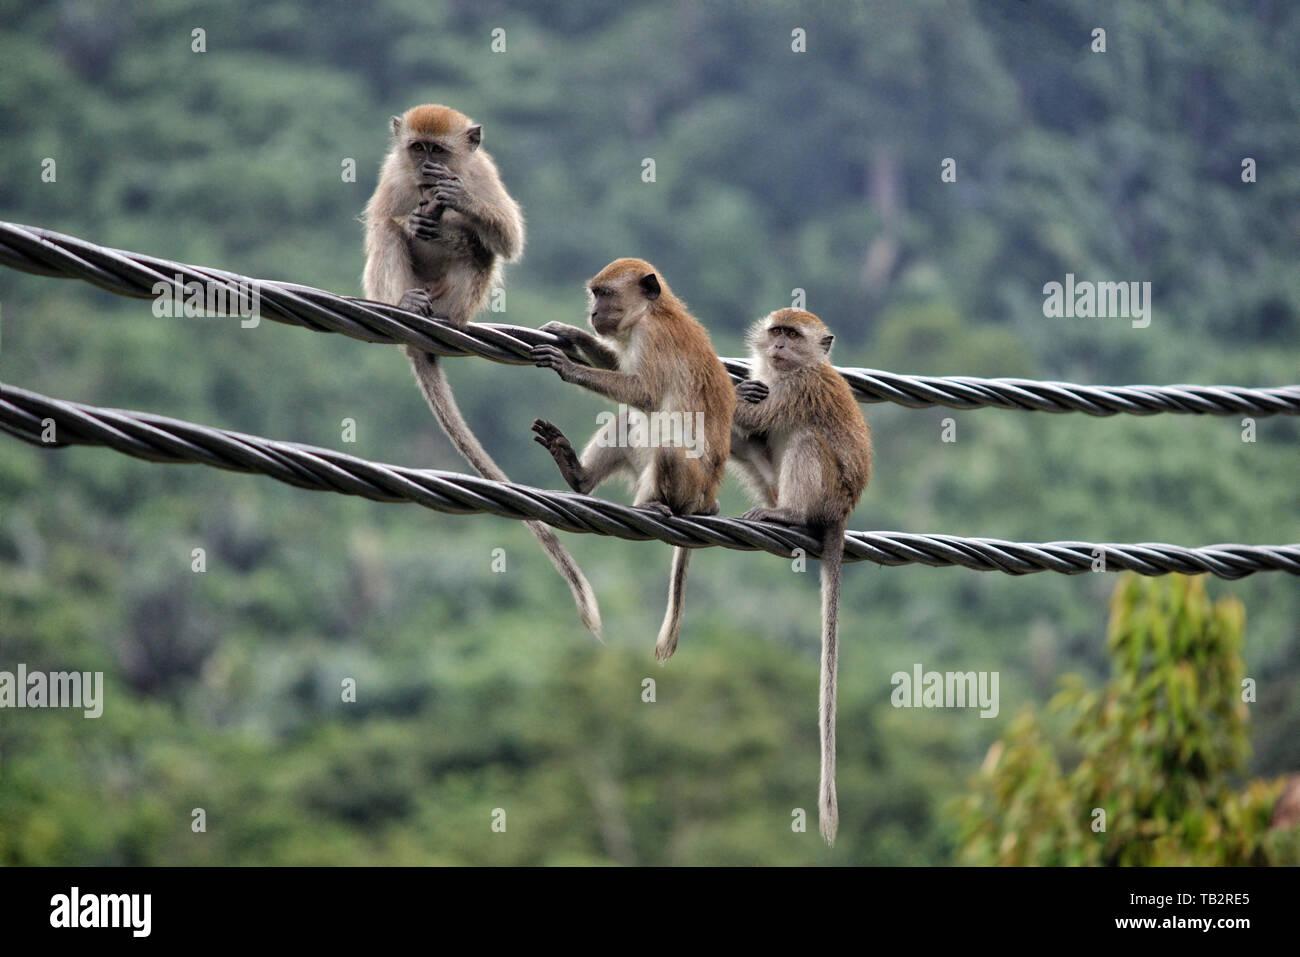 Long-tailed macacos (Macaca fascicularis) sentado en el cable eléctrico en la isla de Pulau Tioman, Pahang, Malasia Foto de stock